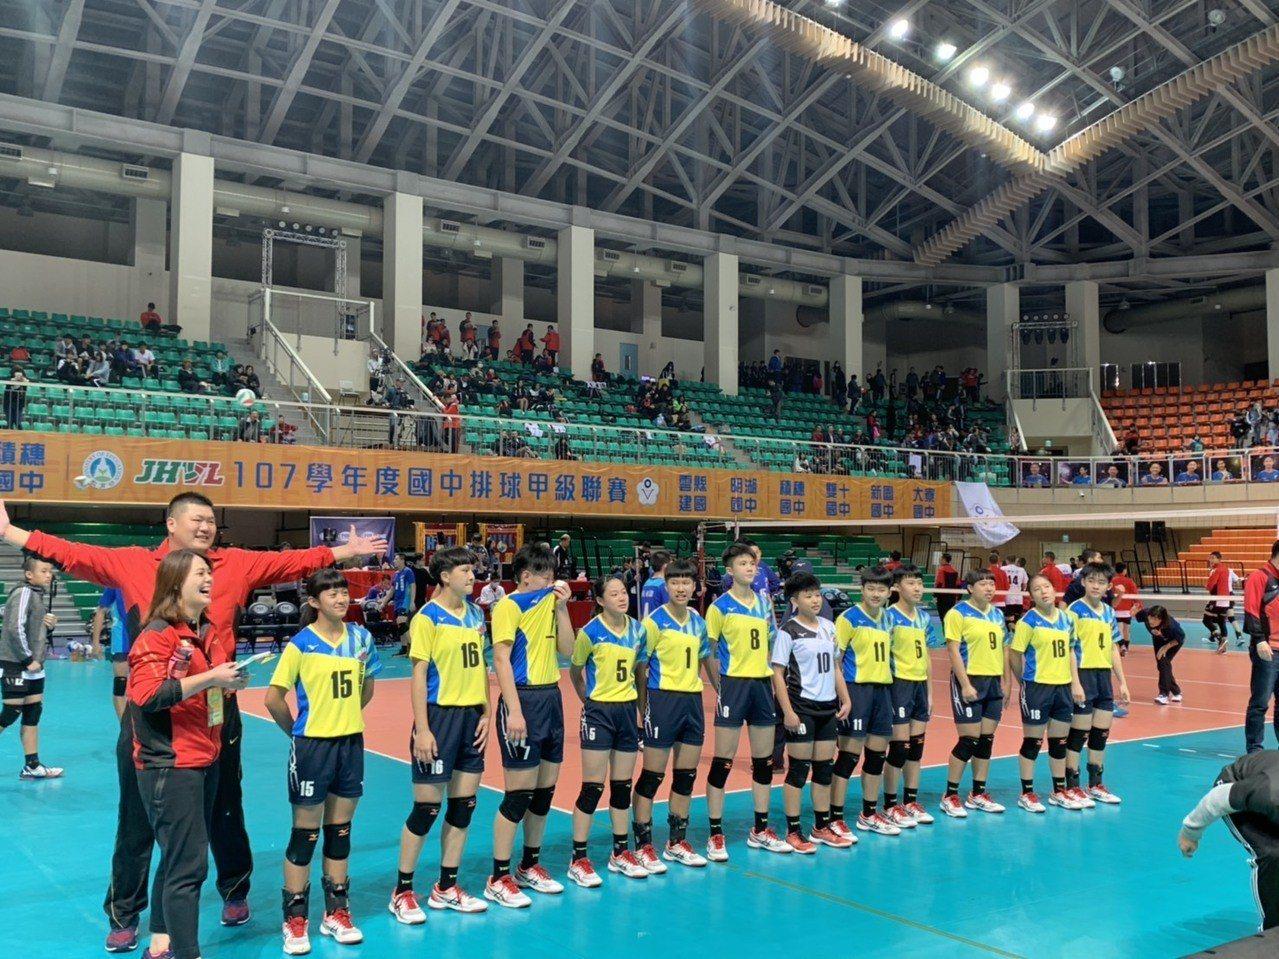 北港建國國中女排球隊苦盡甘來,終於拿下台灣最高榮譽的全國排球聯賽冠軍,勝利一刻全...